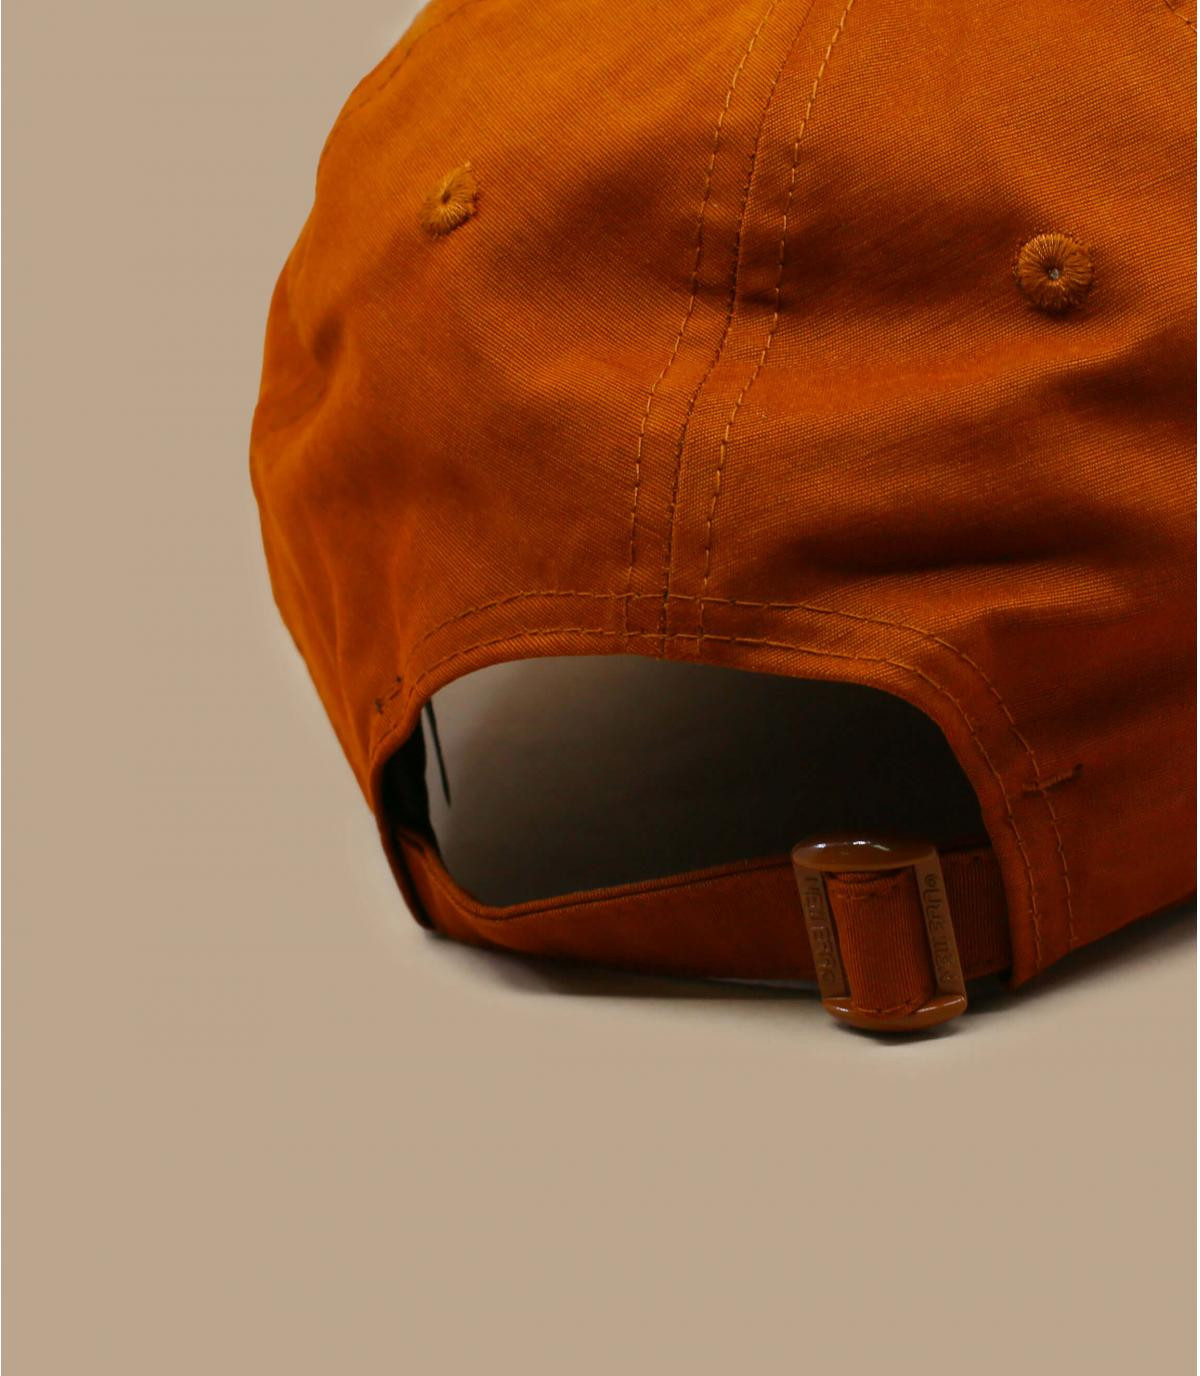 Dettagli Multi Pop Panel 940 NY stone brown - image 3